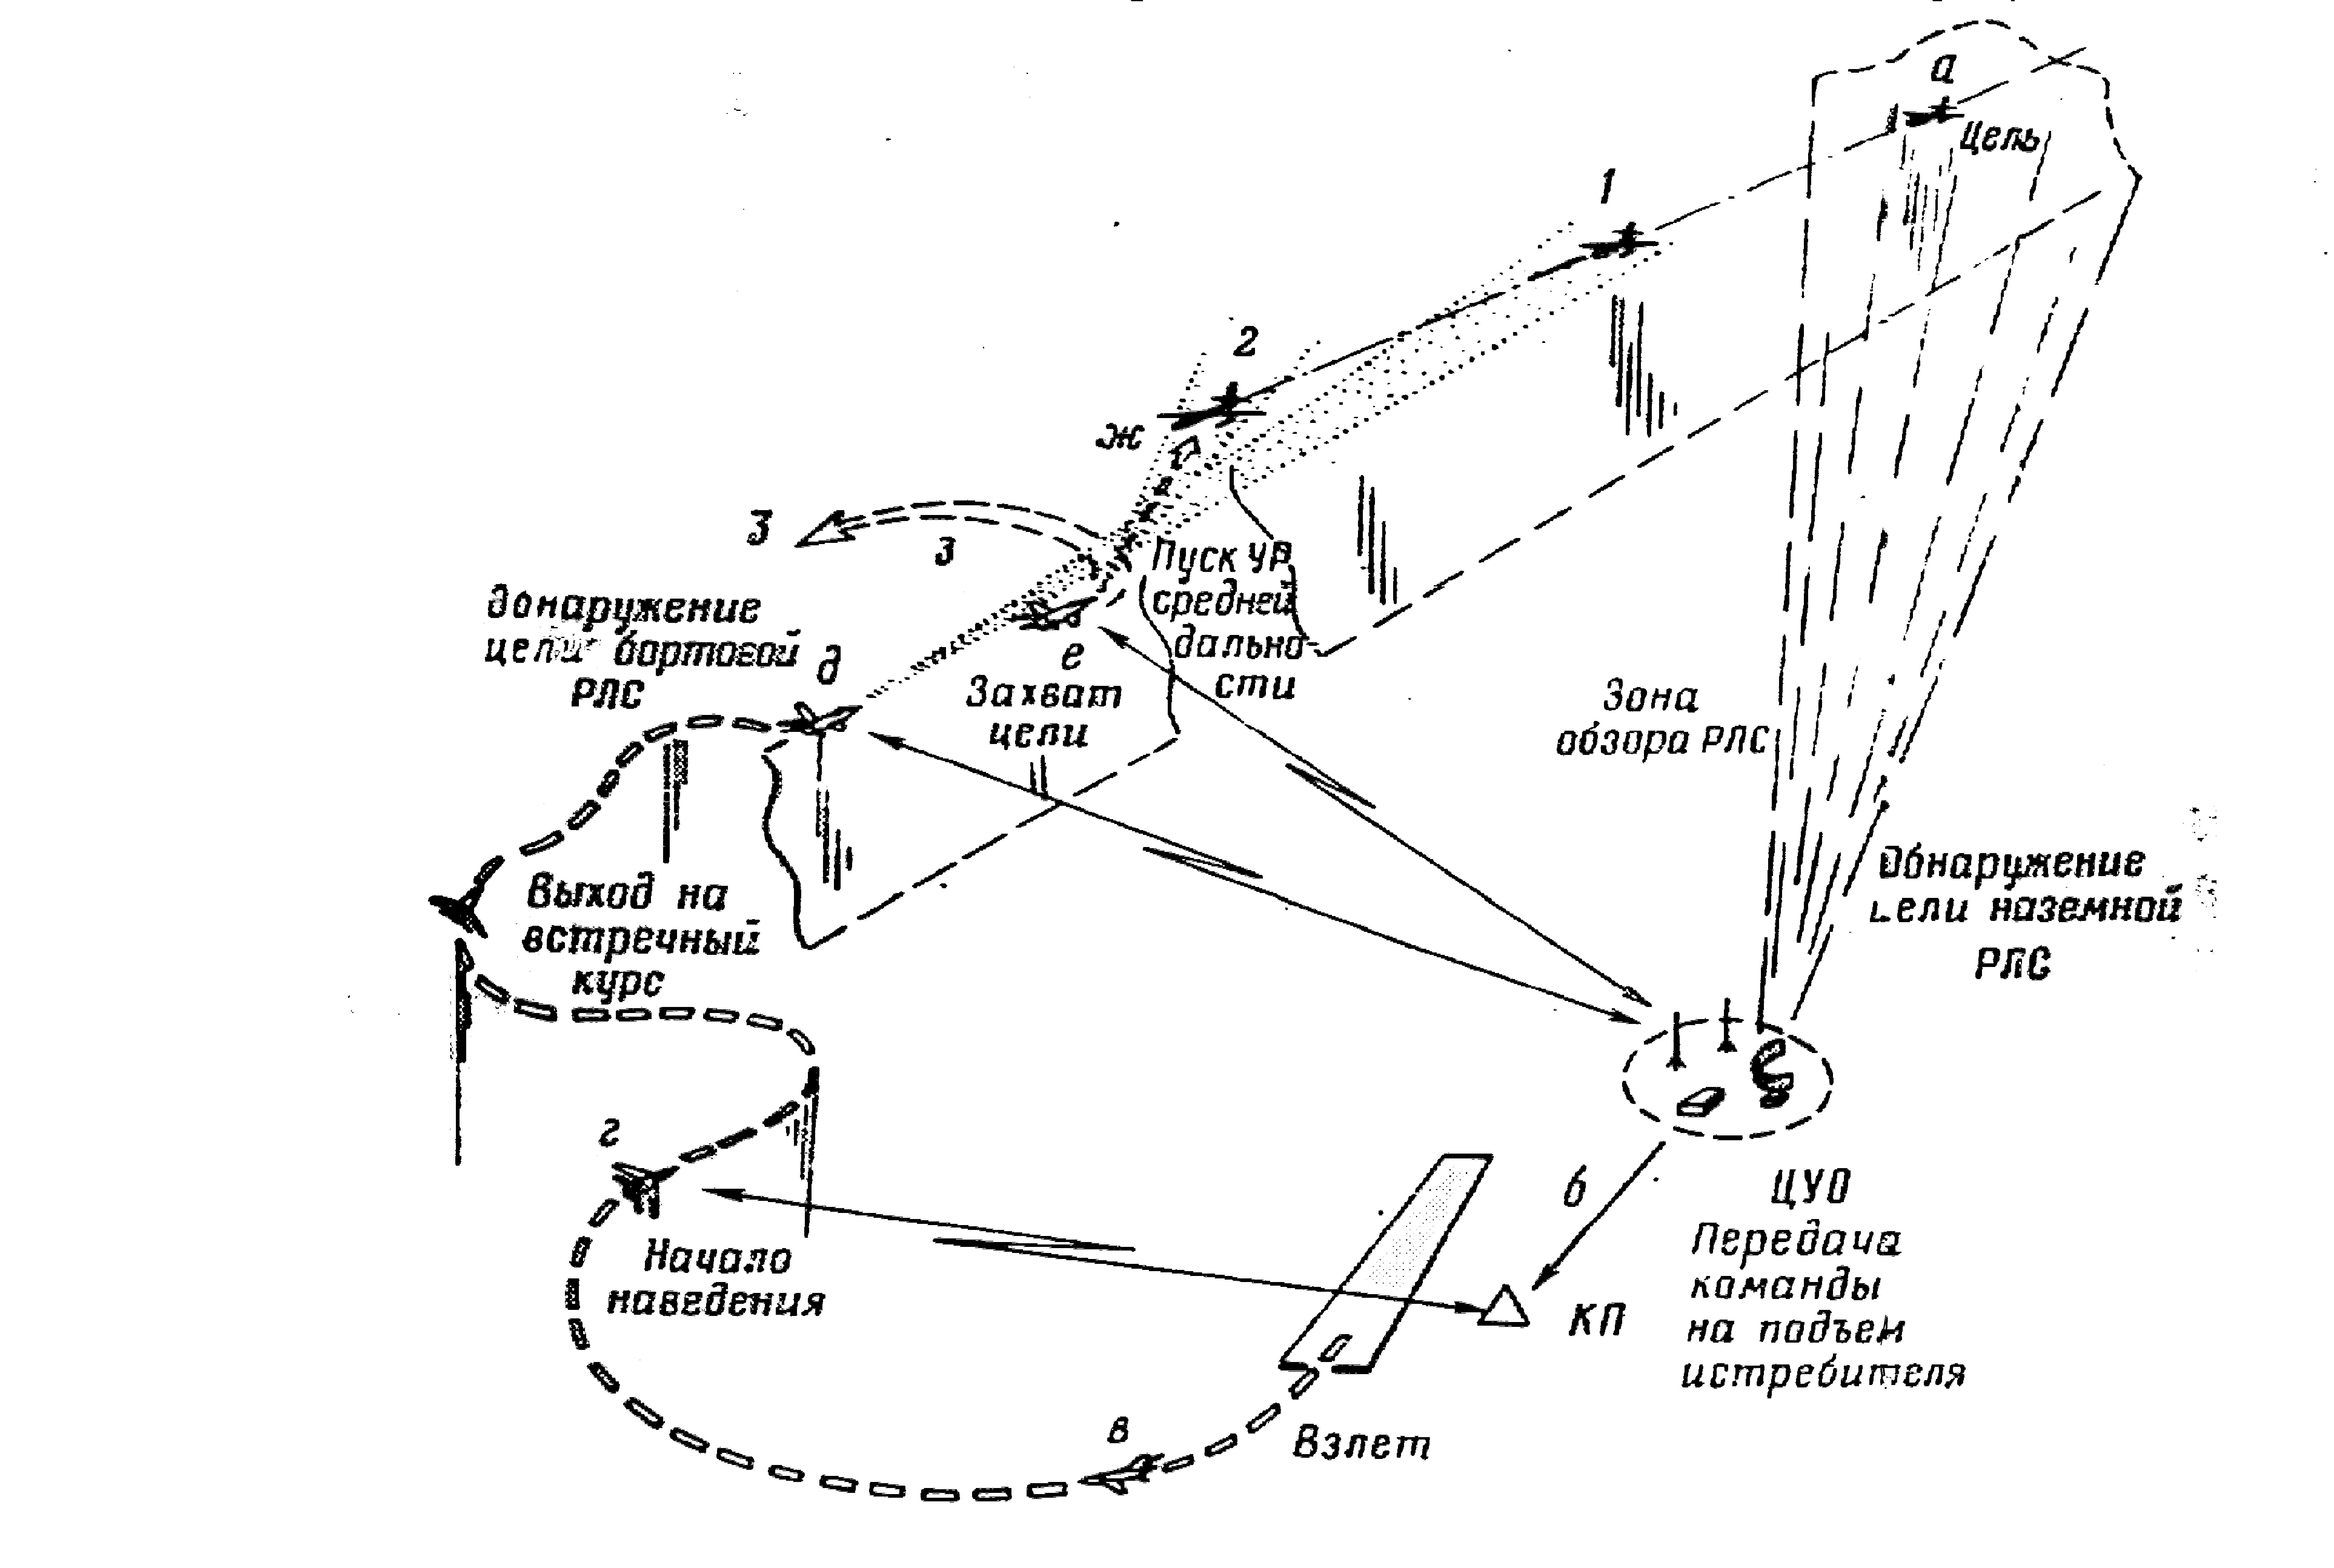 Моделирования для боя программу